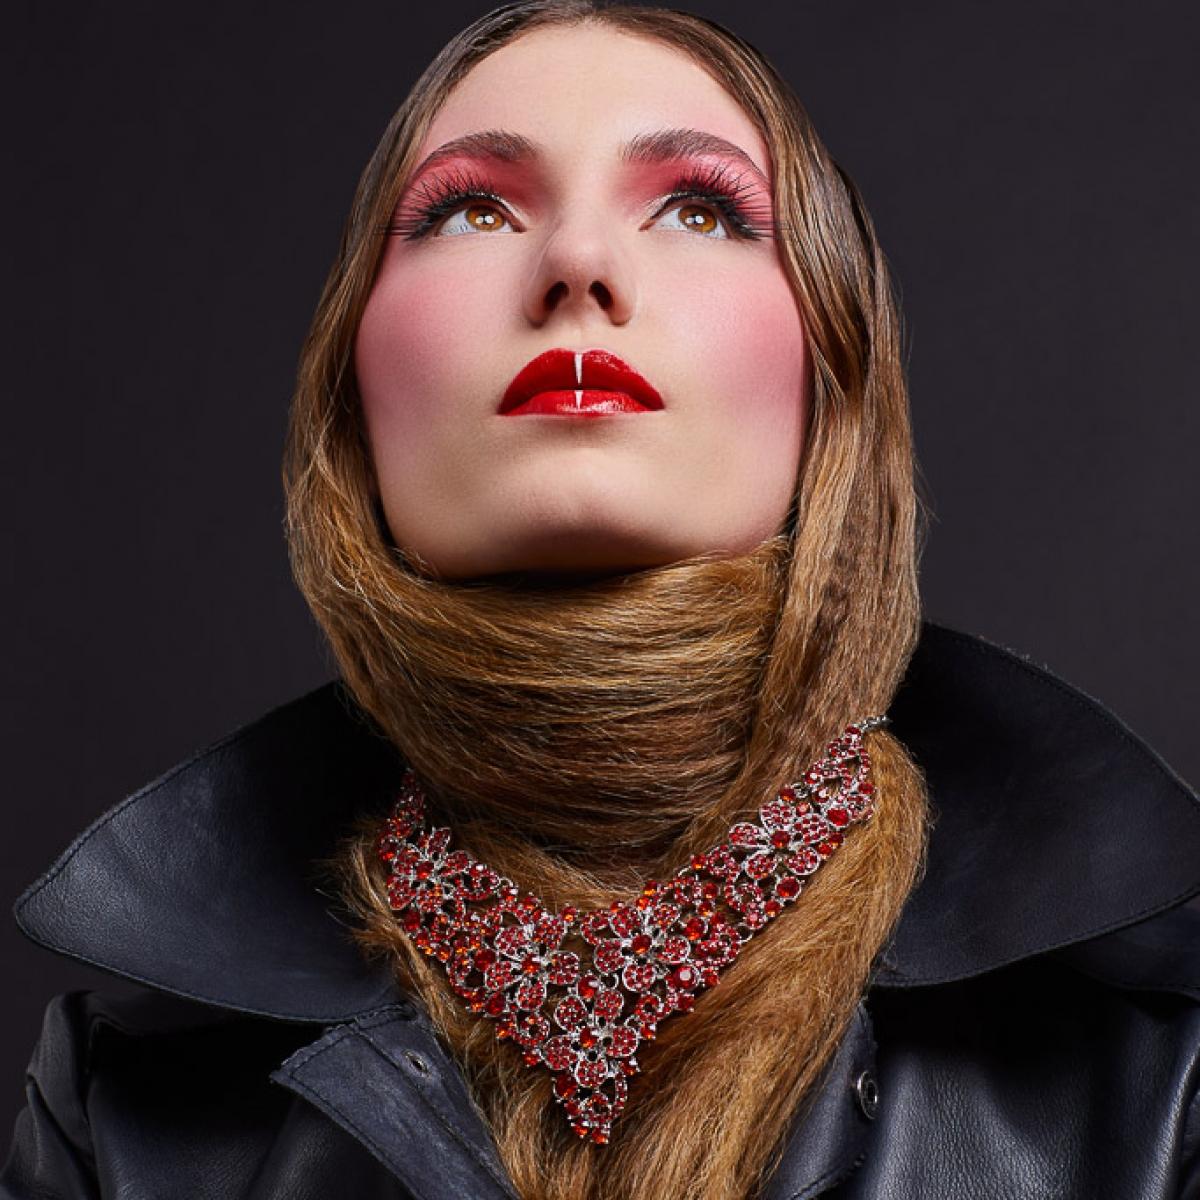 une série sur la beauté d'une femme MODEL Ninon Crédit photo: © MARWAN MOUSSA / 2020 merci a l'équipe pour cette belle caloborationNinon Makeup : Ivana Carboni